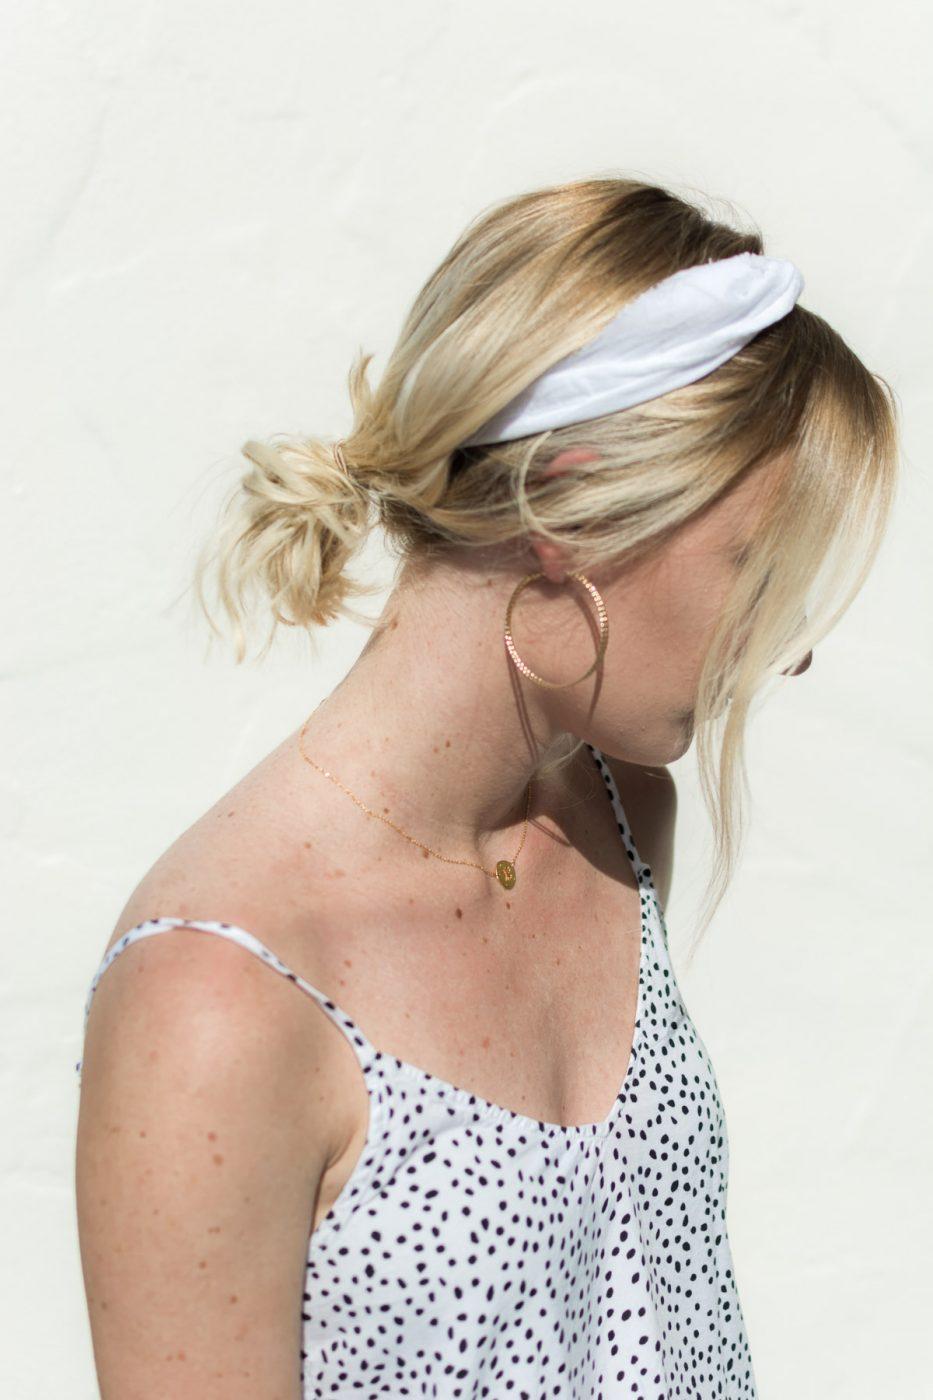 DIY Tie Headband & Hoop Earrings - Sweet Teal